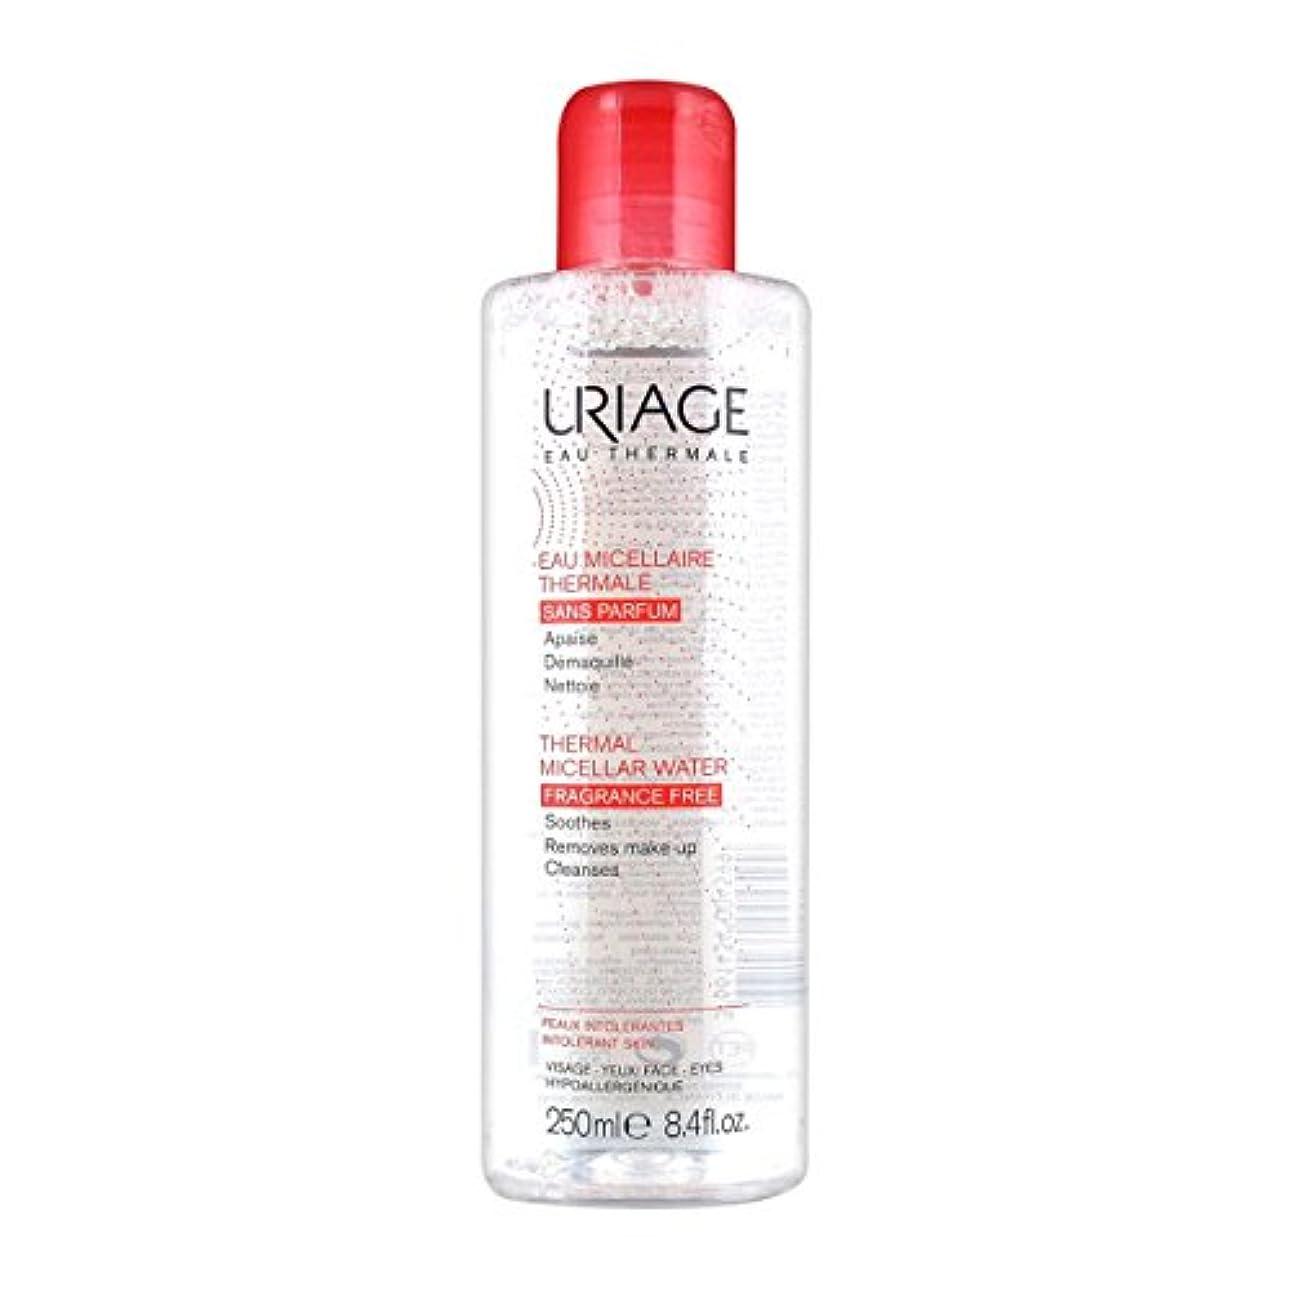 カカドゥピーブ異議Uriage Thermal Micellar Water Fragrance Free Intolerant Skin 250ml [並行輸入品]